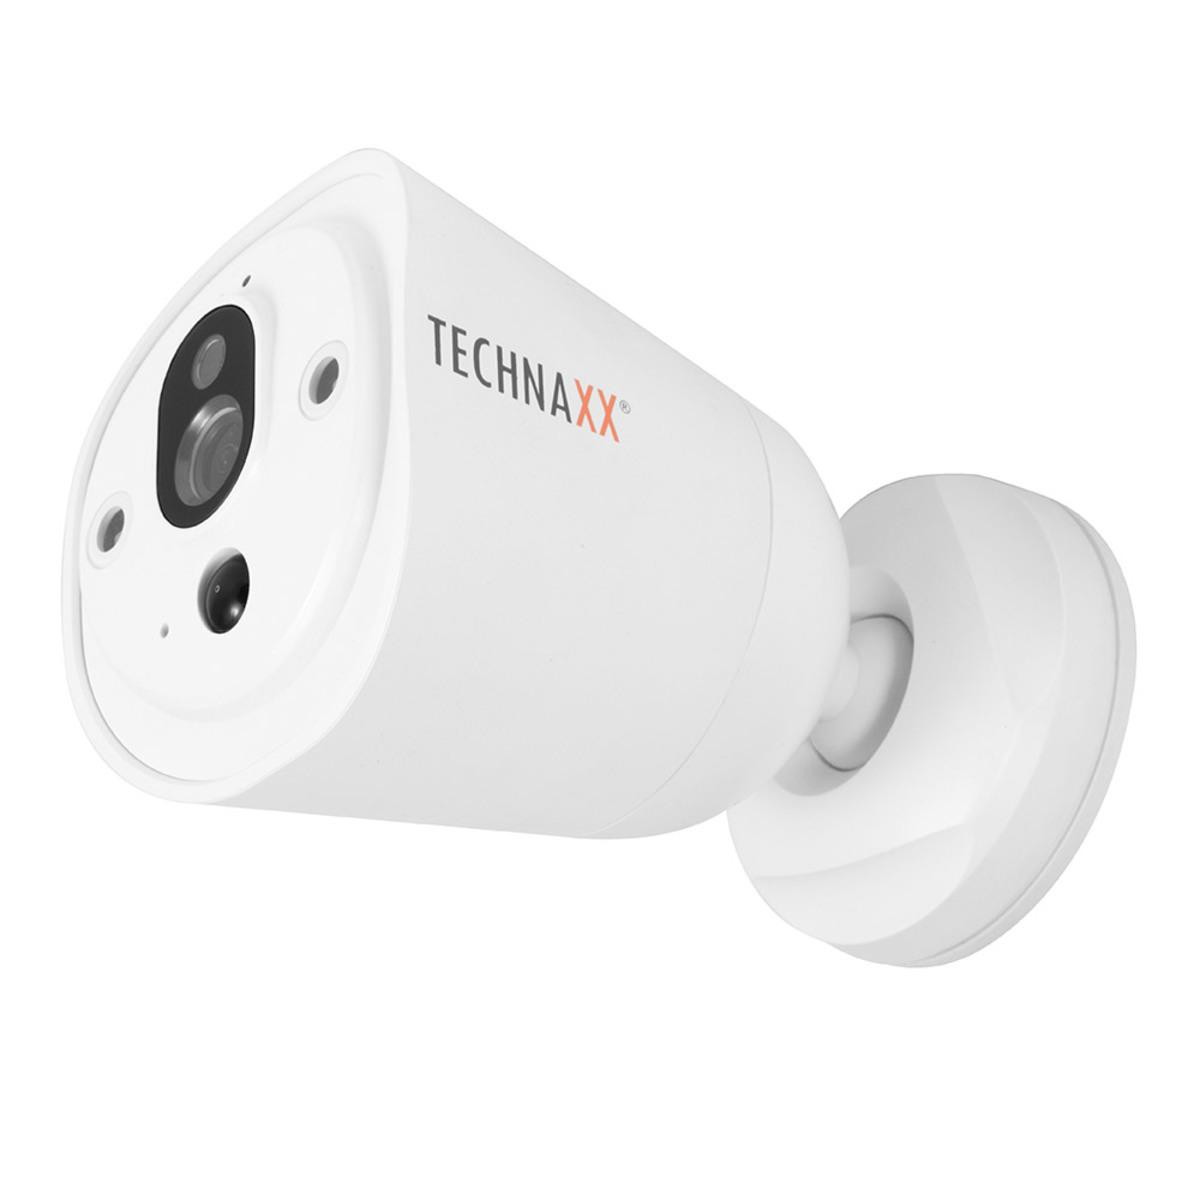 Bild 1 von Technaxx Kabellose HD-Überwachungskamera TX-55